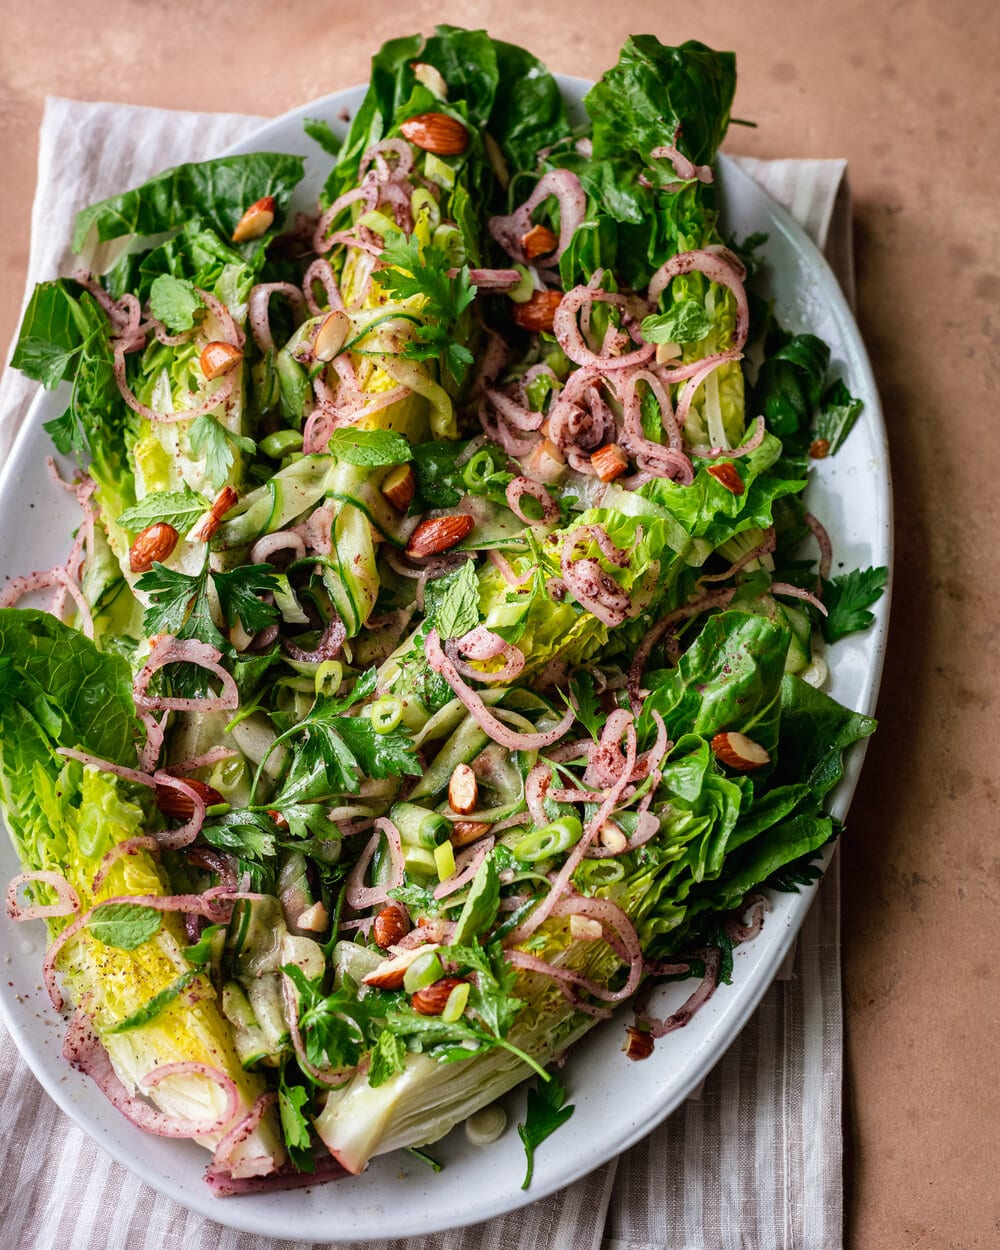 salad angled (1 of 1).jpg